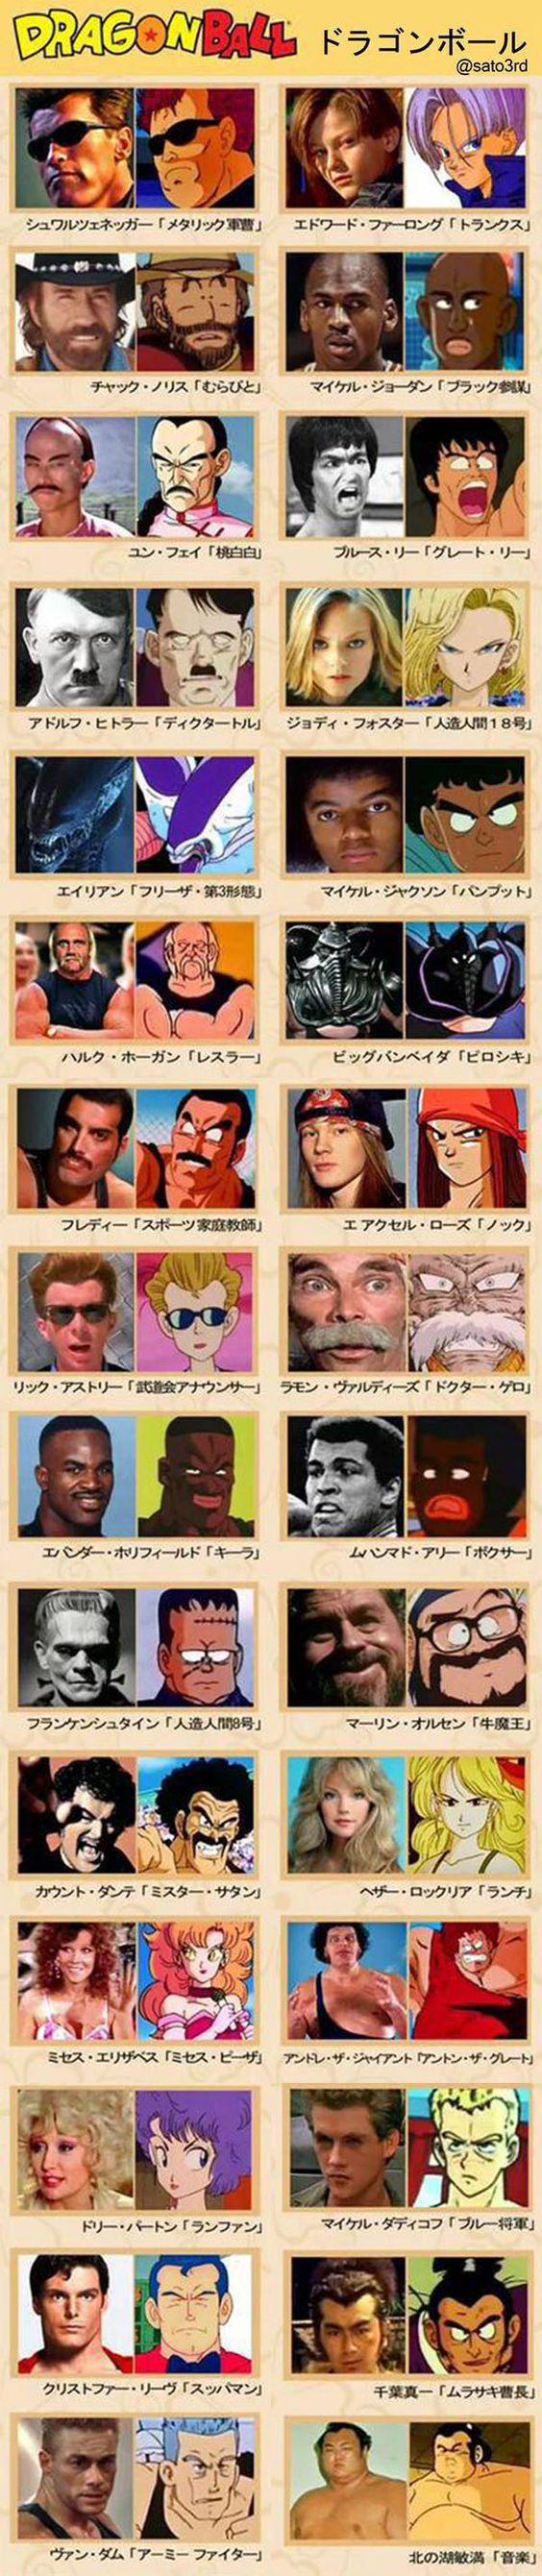 L'image du jour : les personnages de Dragon Ball existent vraiment